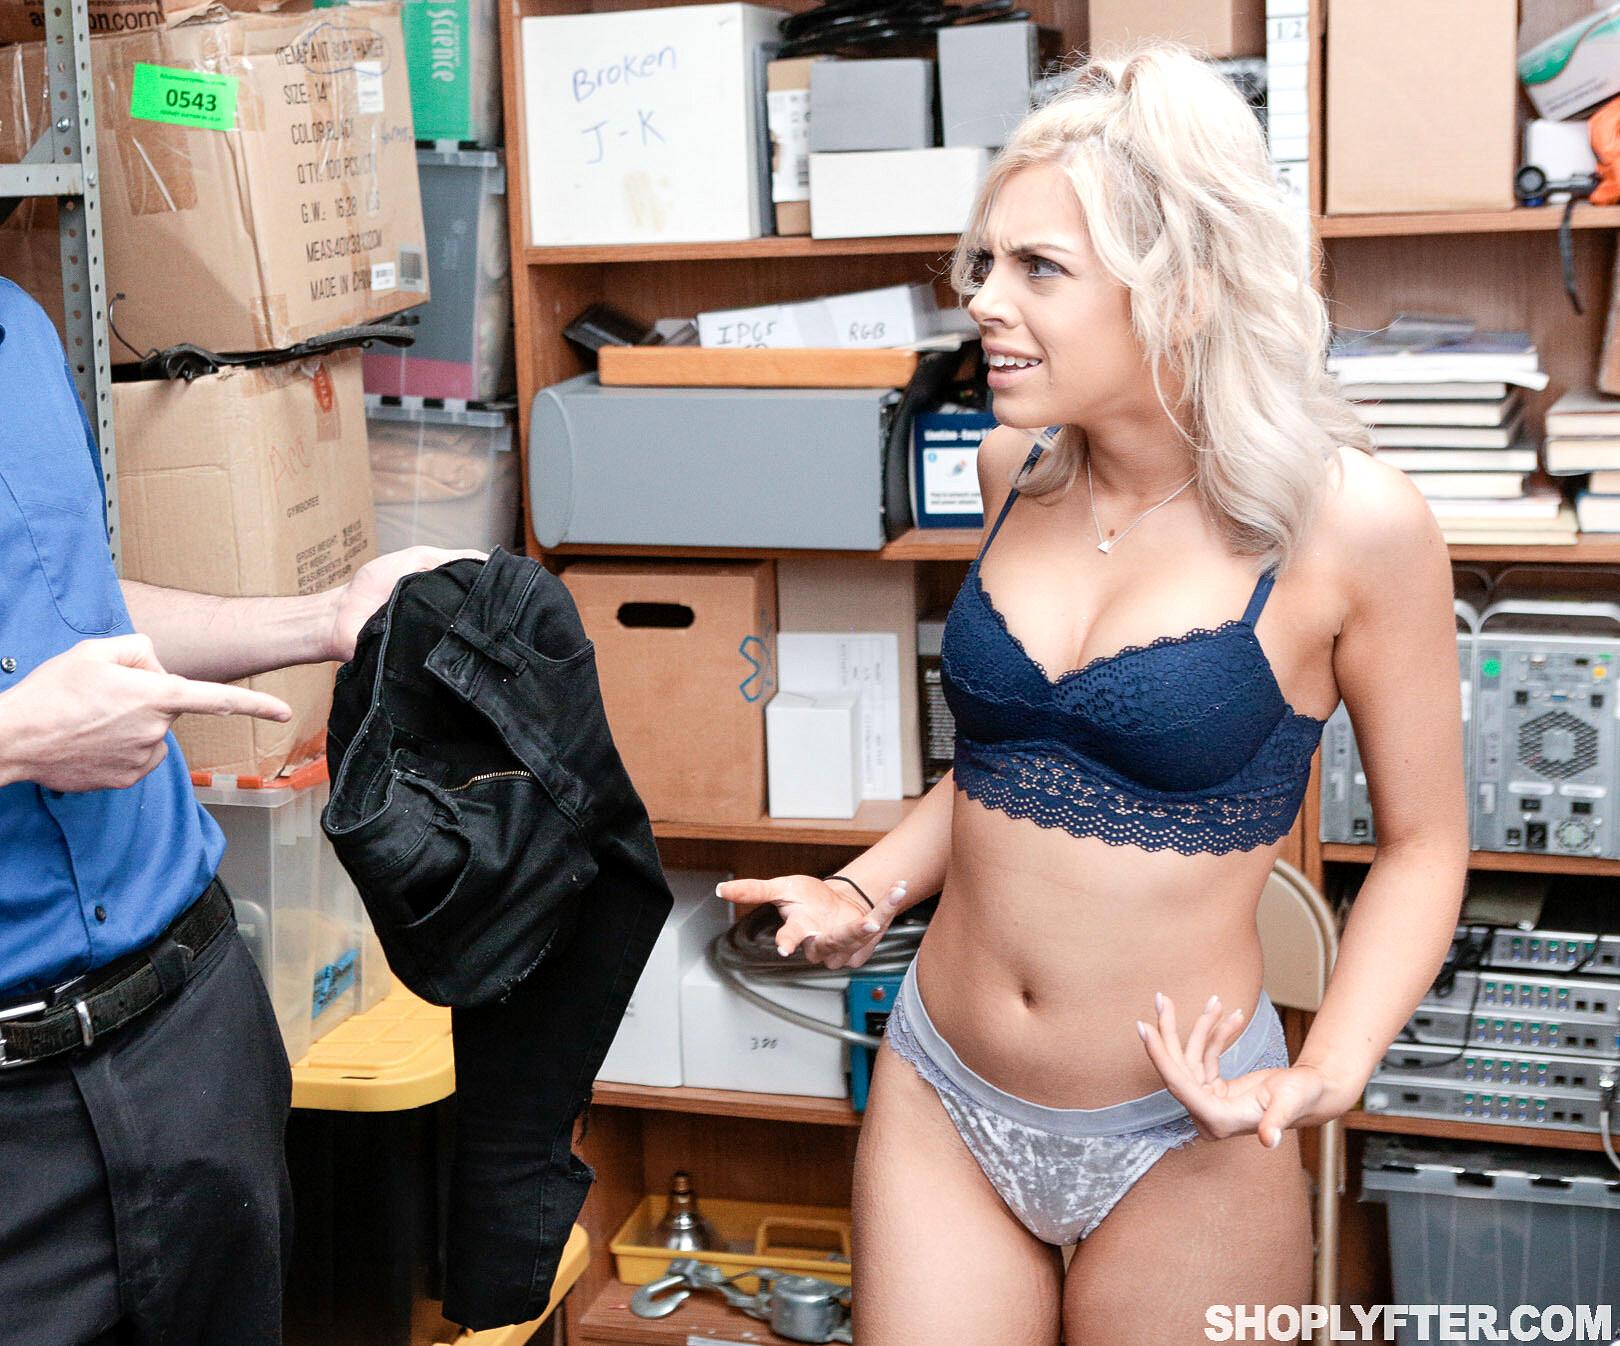 Amatuer stripper nite video